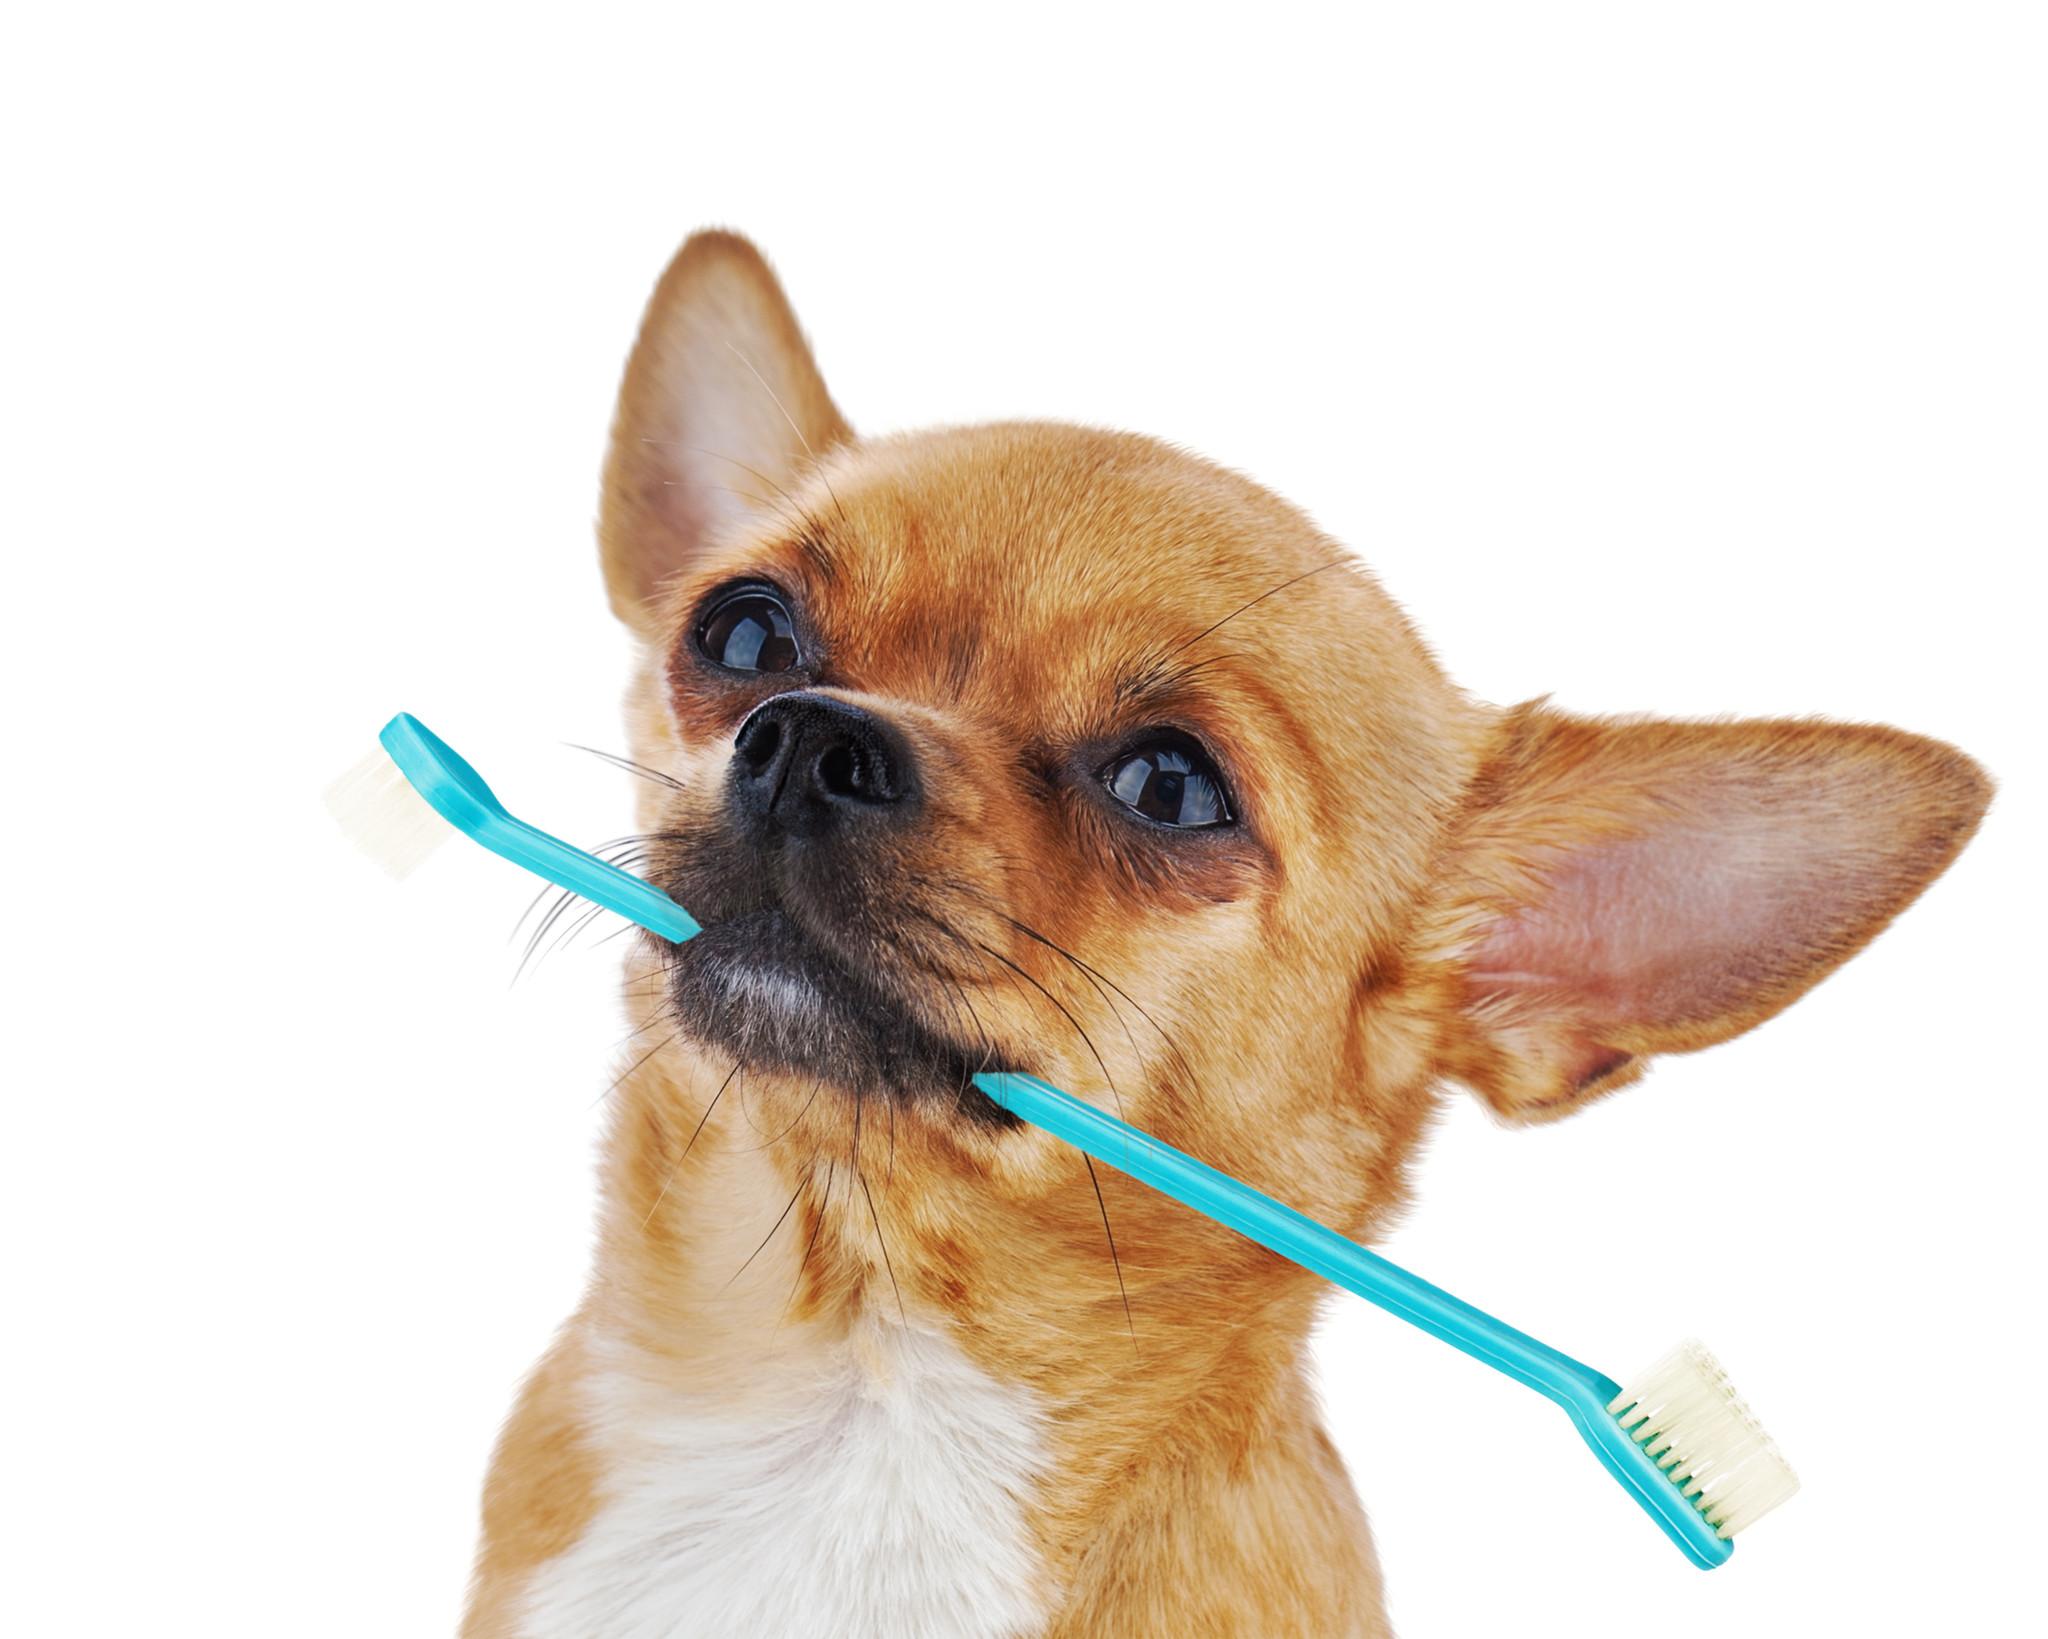 5 maneras de mantener la salud oral de tu perro saludable